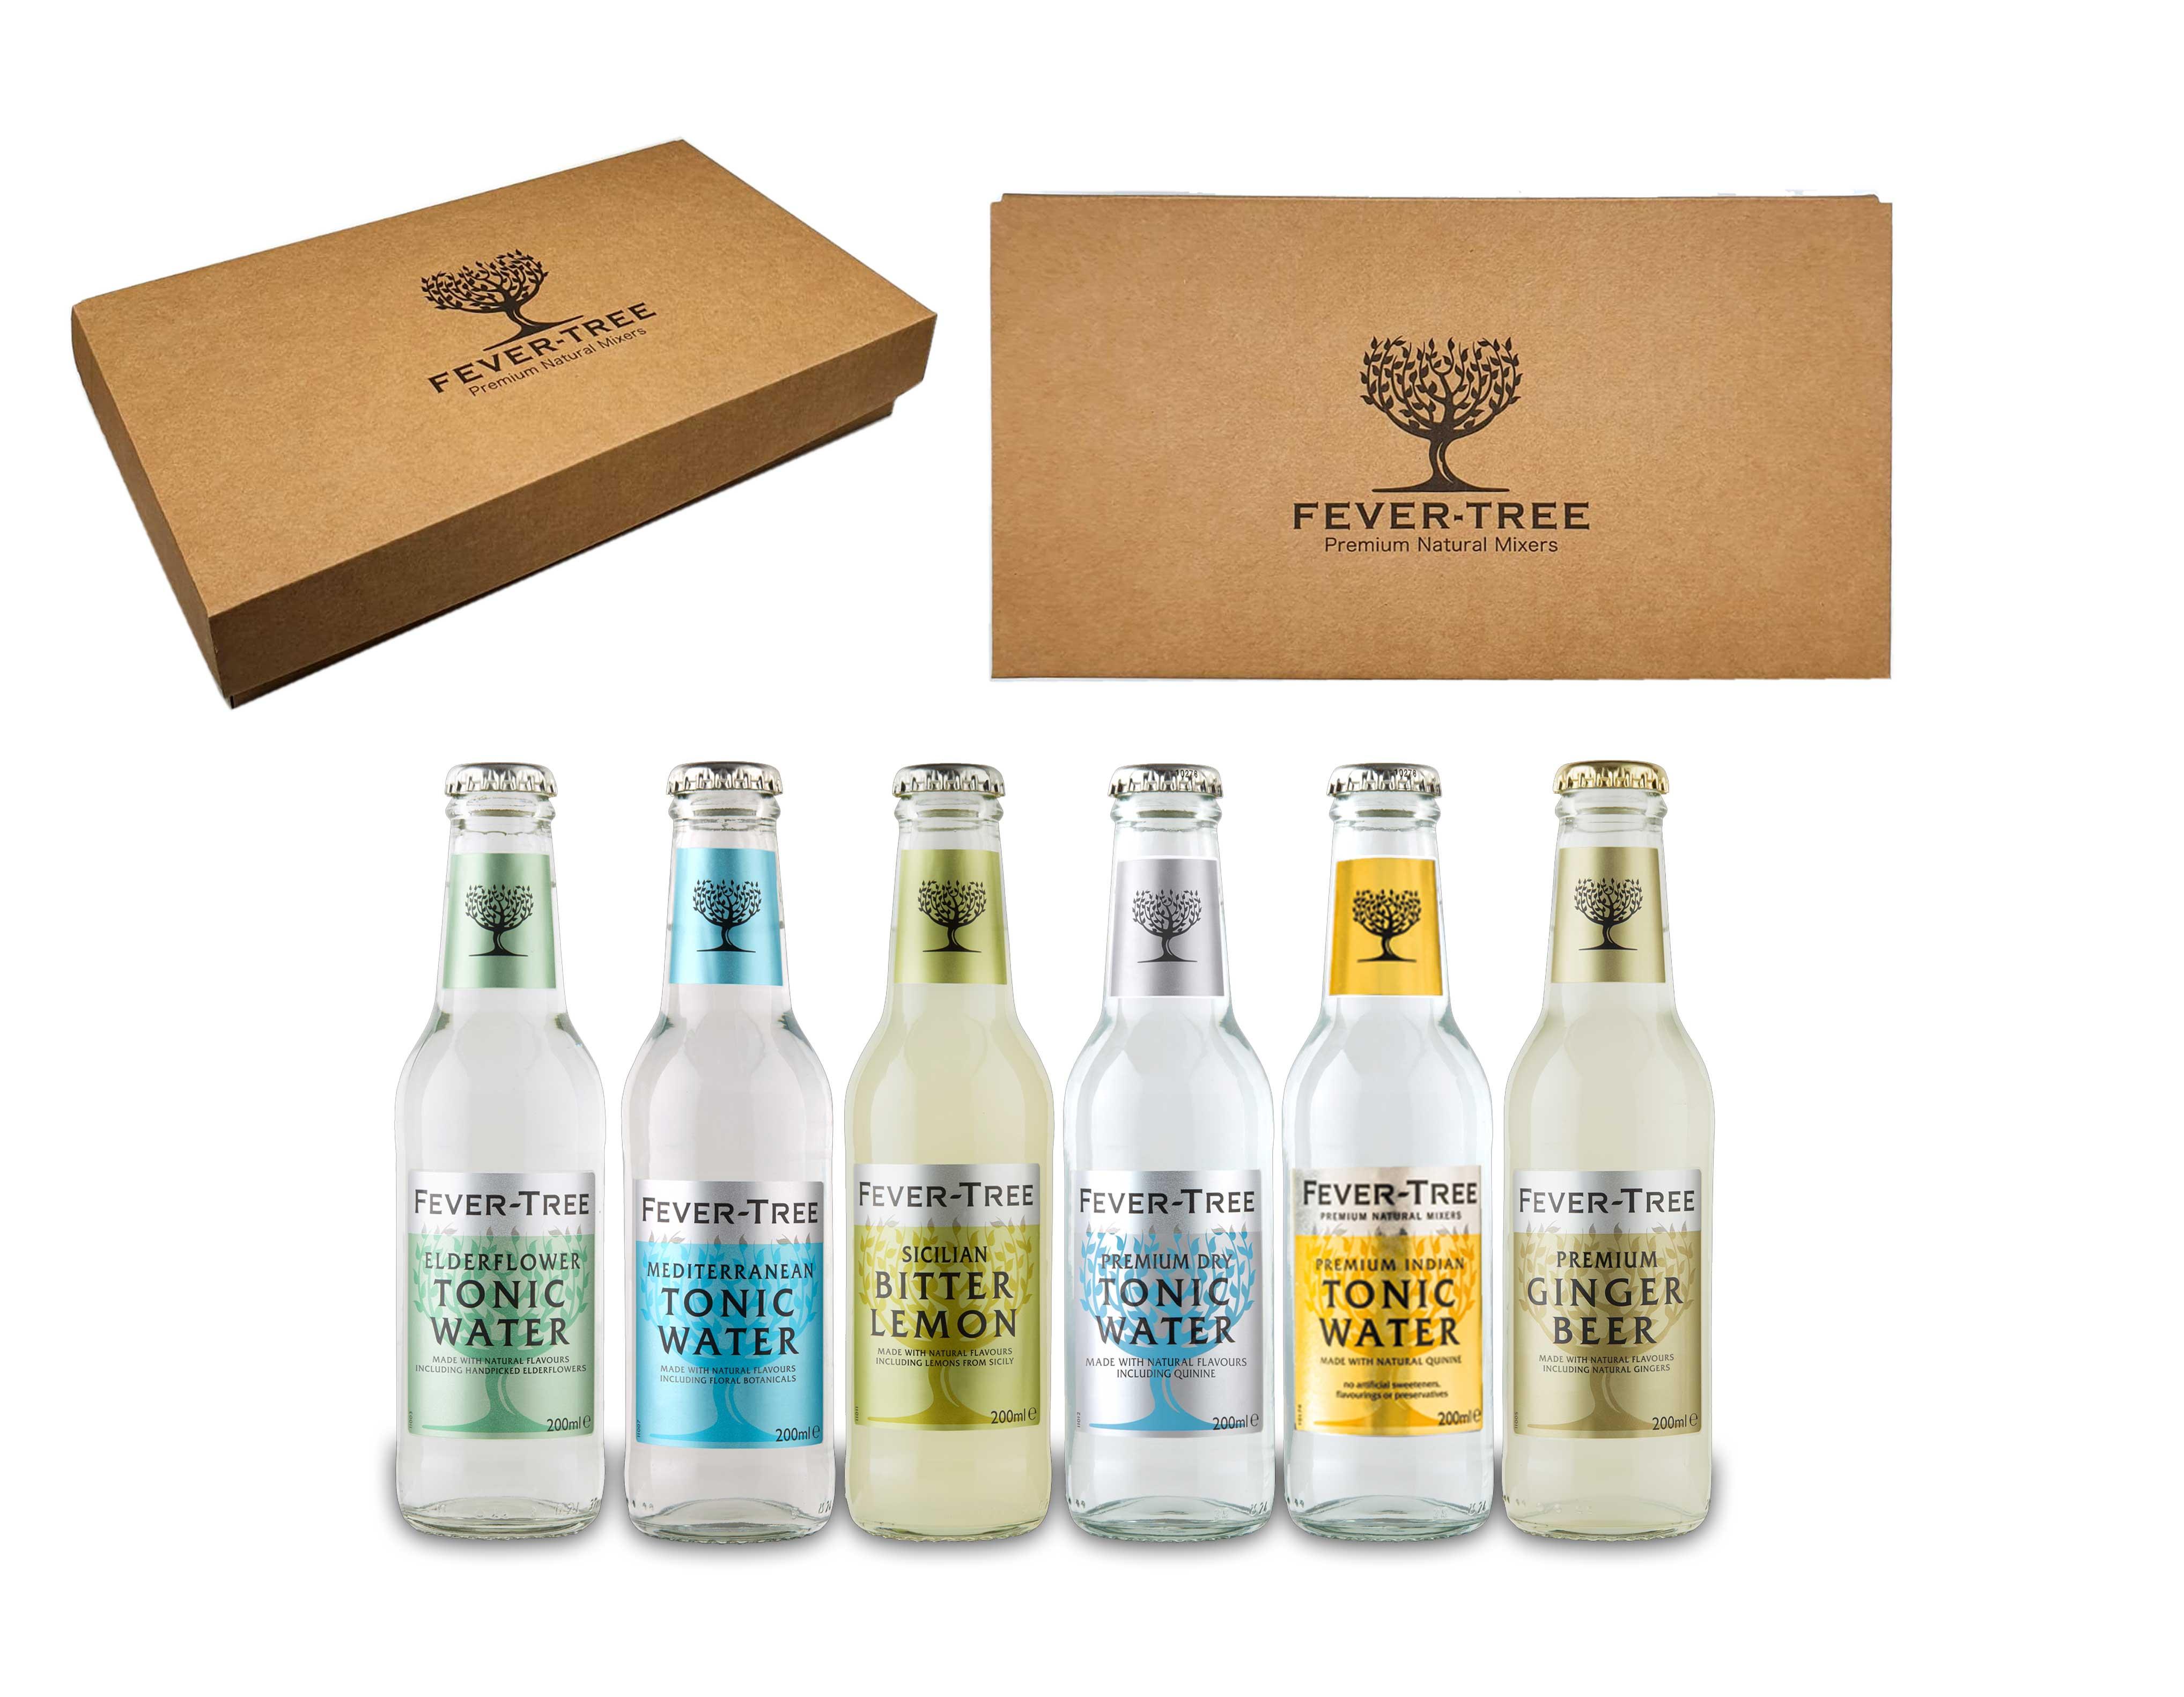 Fever-Tree 6er Set - Elderflower- , Dry-, Mediterranean-, Indian Tonic Water + Ginger Beer + Bitter Lemon - je 200ml inkl. Pfand MEHRWEG